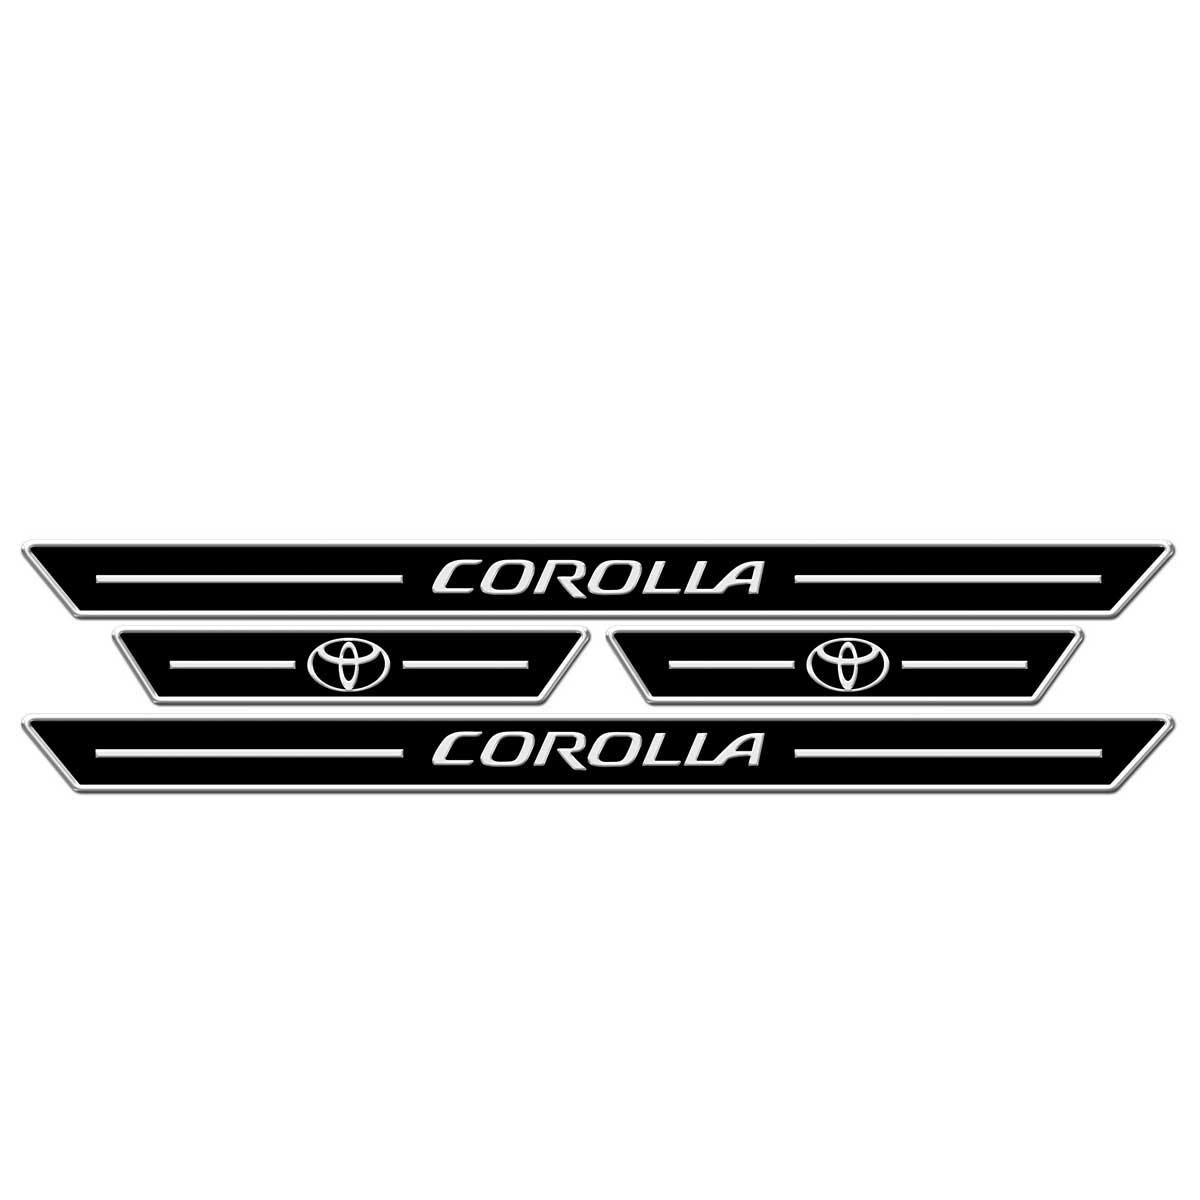 Protetor de soleira personalizado Corolla 2009 a 2014 ou Corolla 2015 a 2017